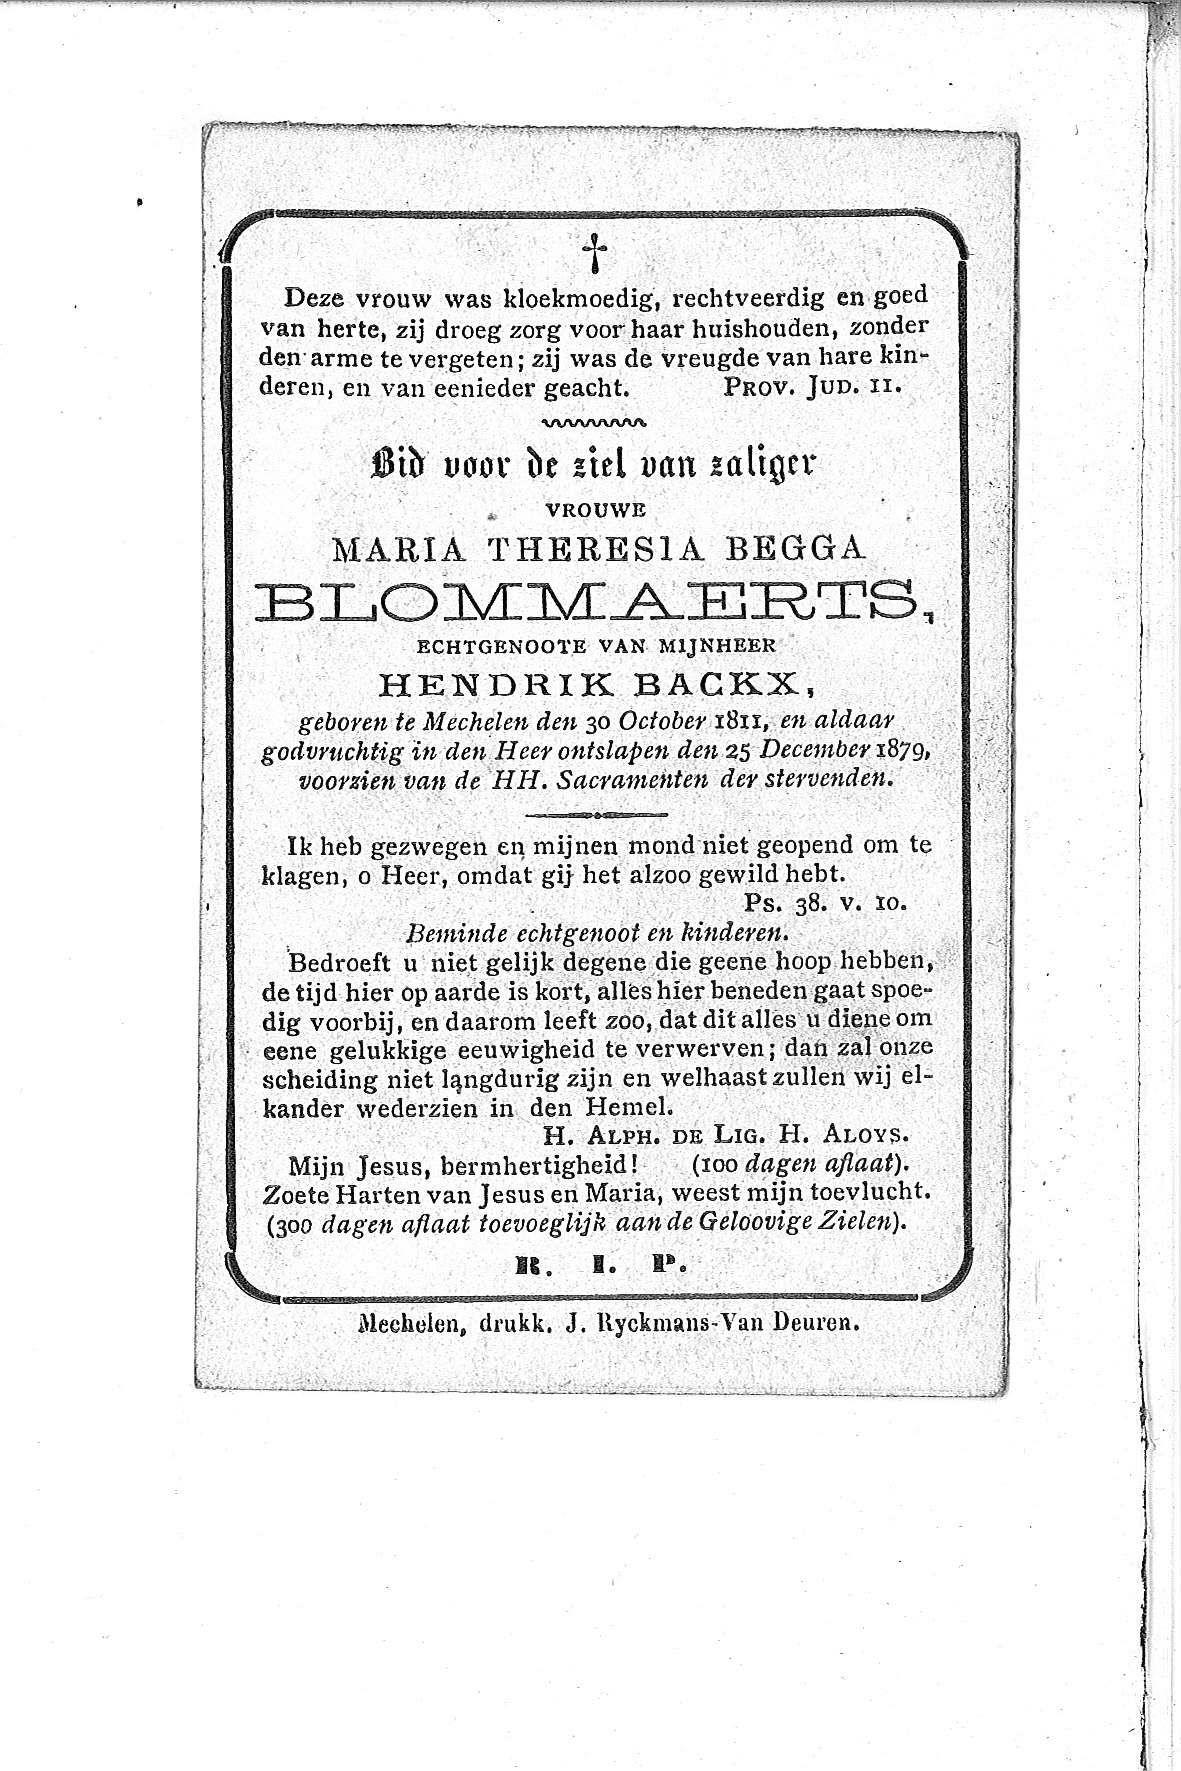 Maria-Theresia-Begga(1879)20110307162059_00043.jpg